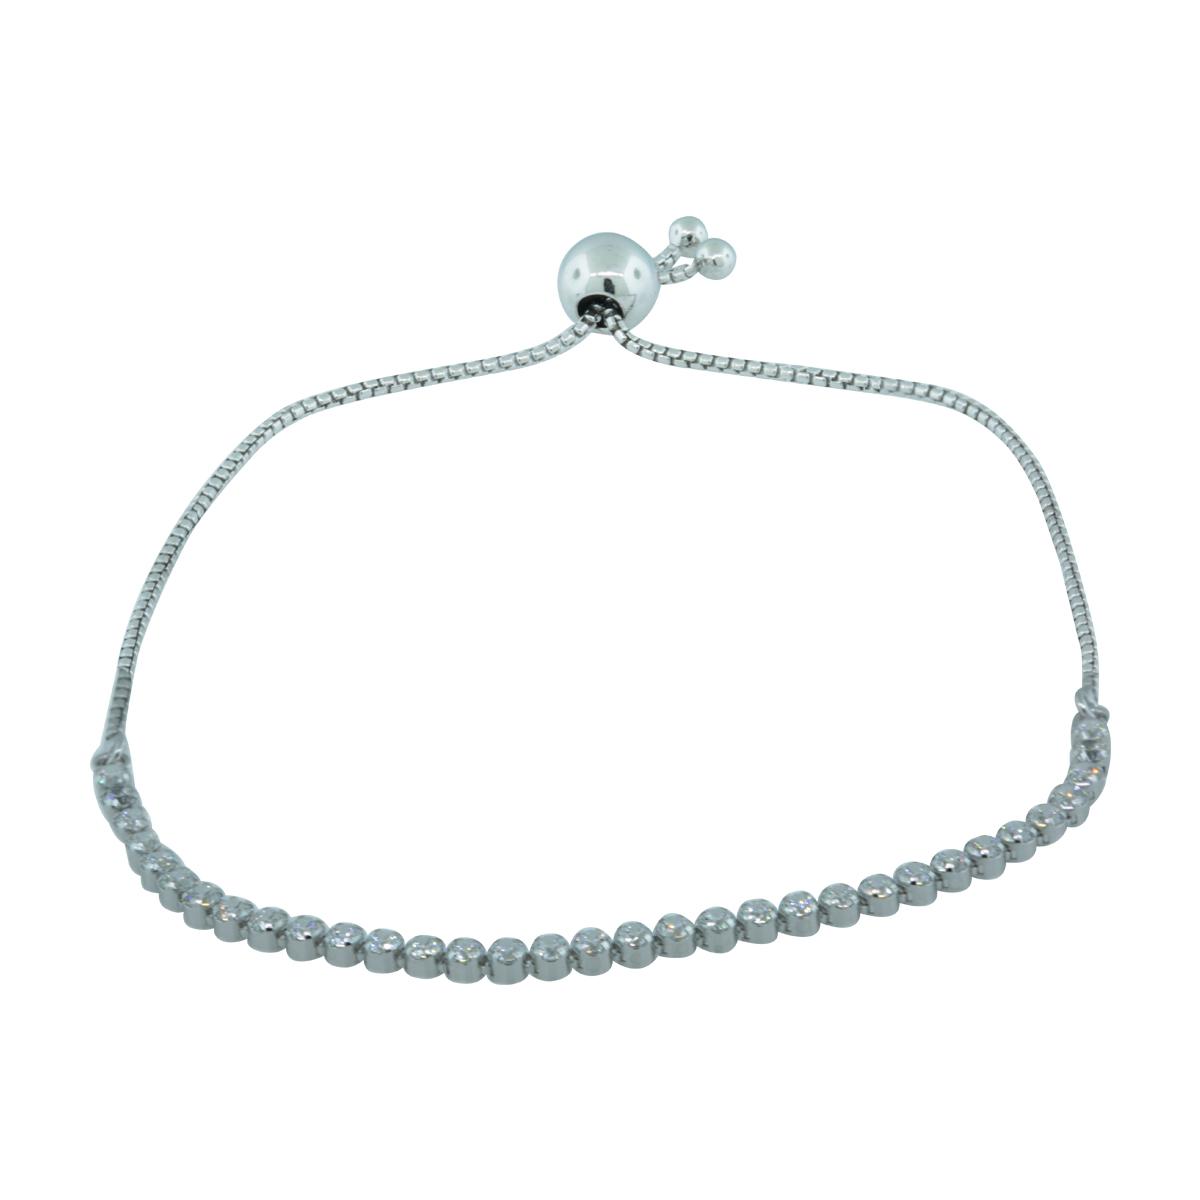 f7d5ef939 Details about Authentic Pandora Sparkling Strand Bracelet, Clear CZ, 9.1  in, 590524CZ-1